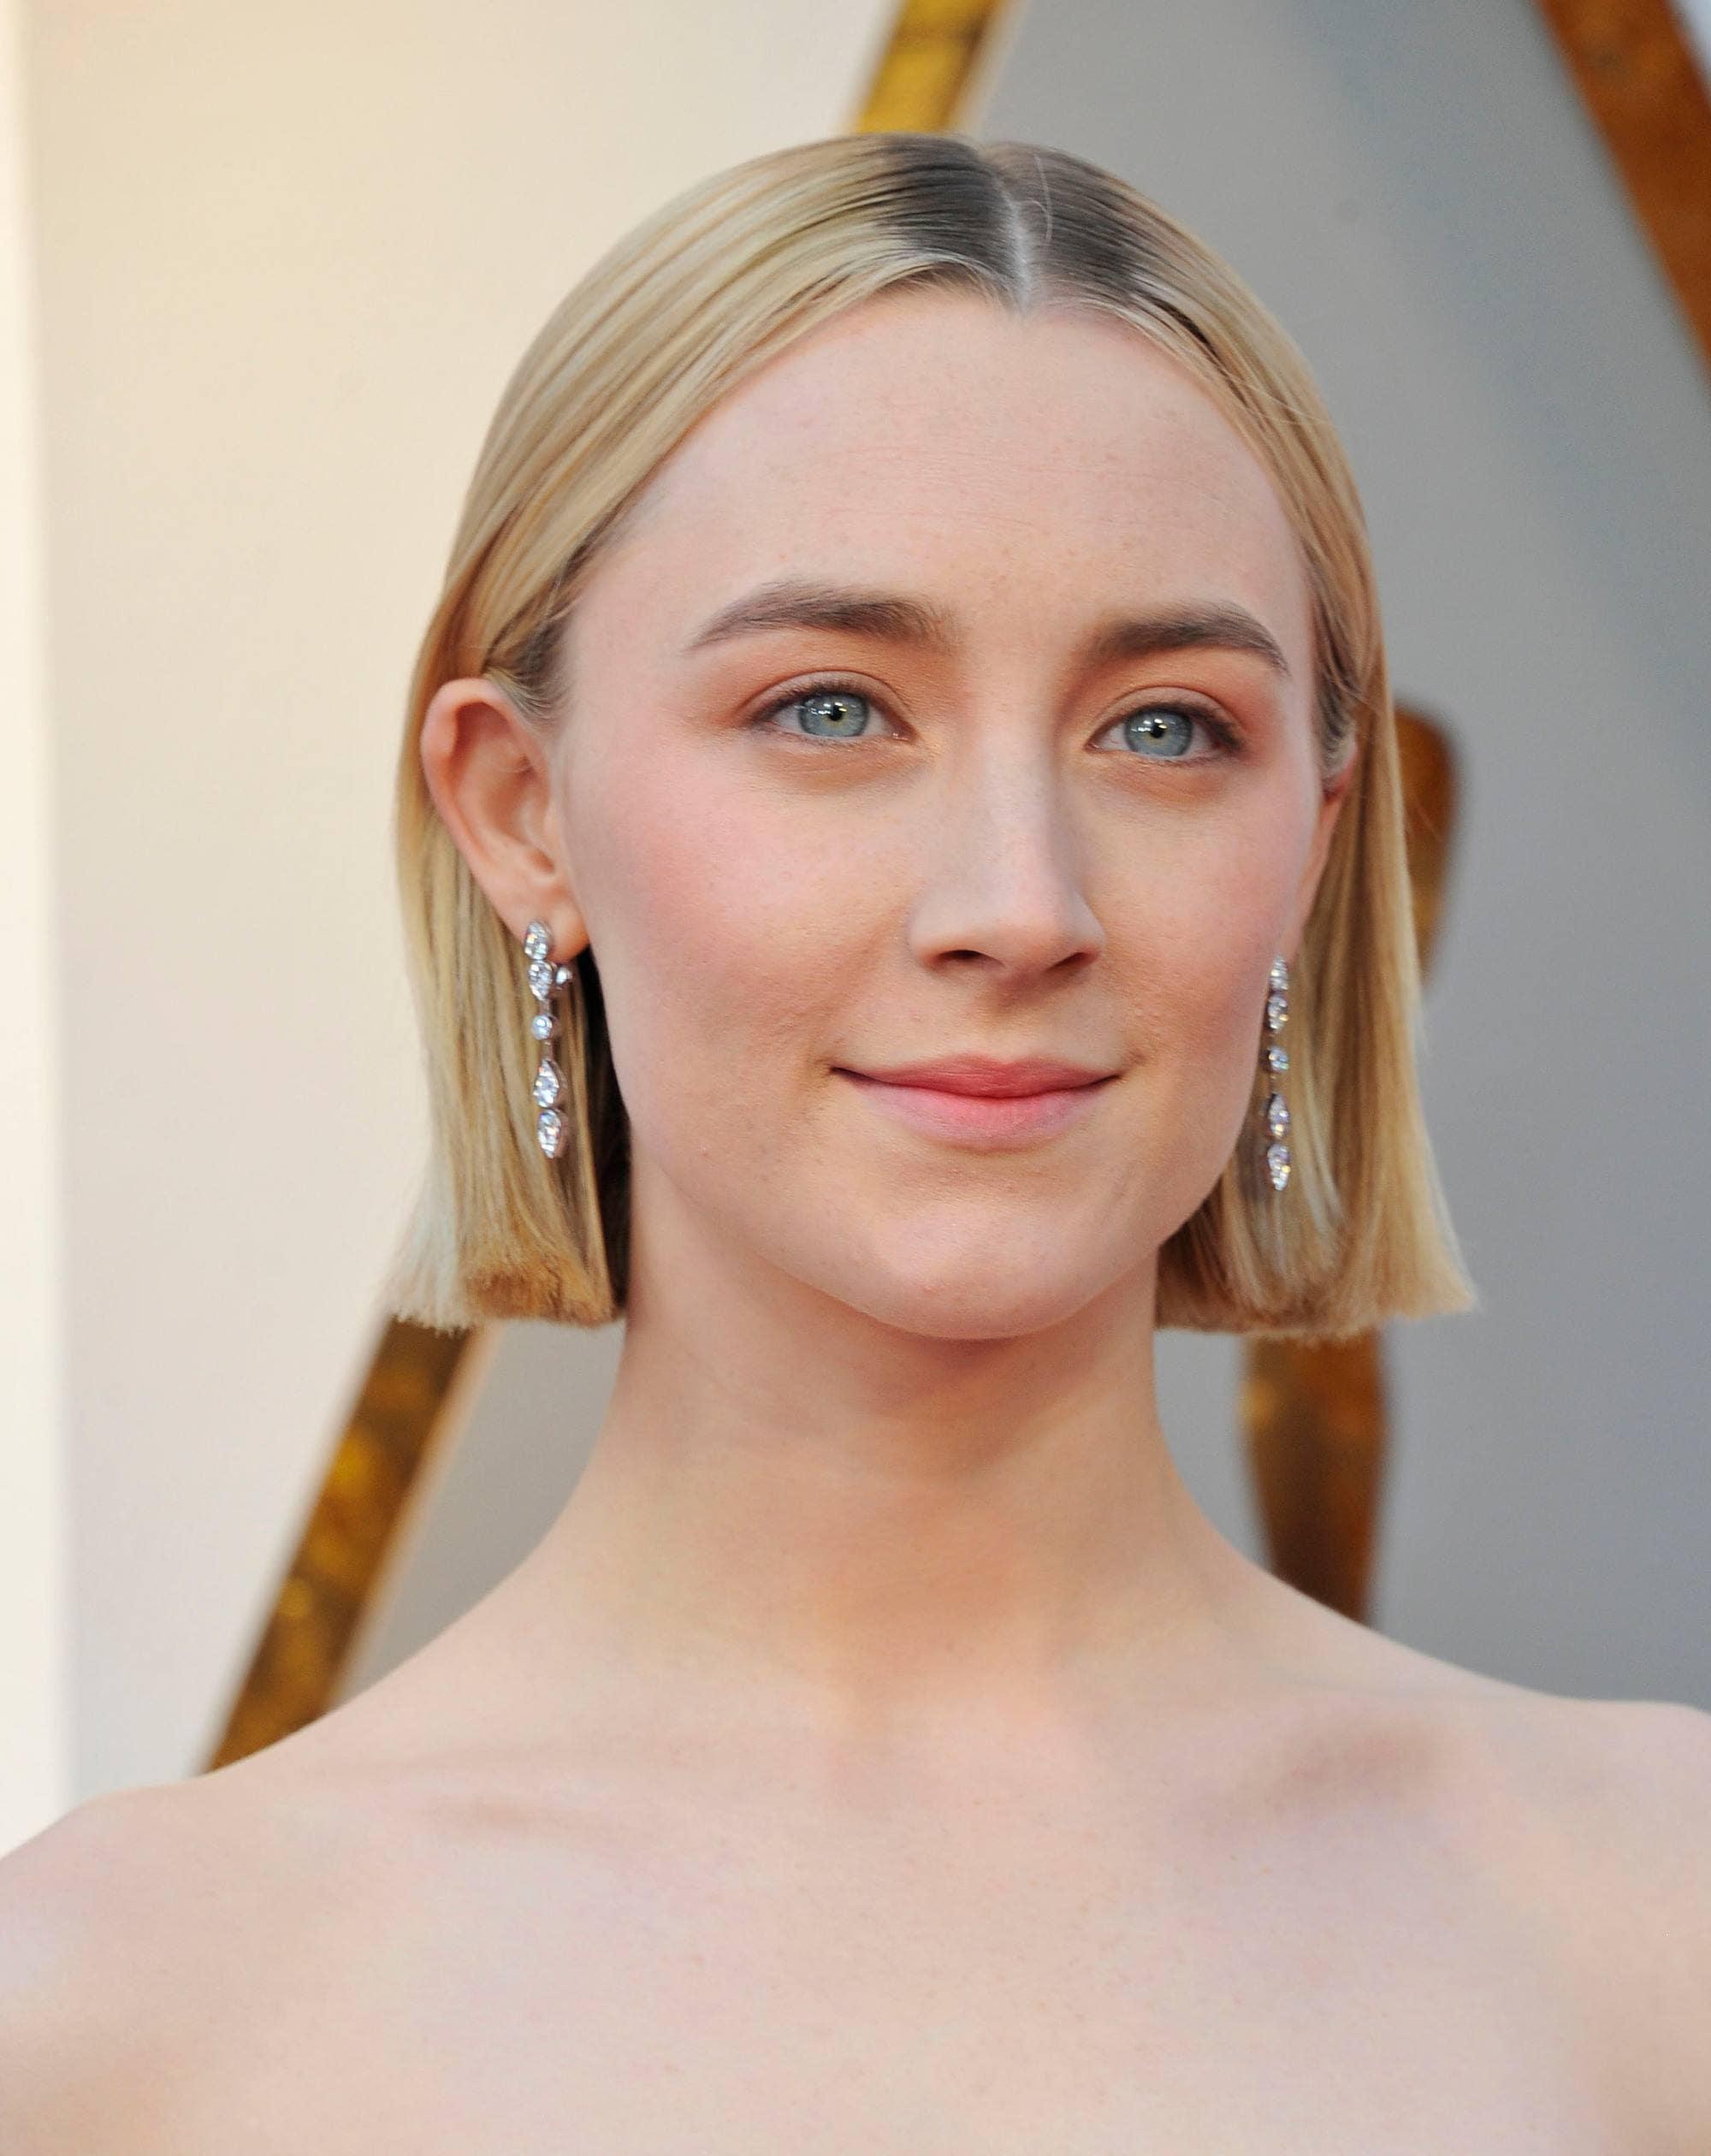 ladybird actress saoirse ronan at the 2018 oscars with a short chin length bob